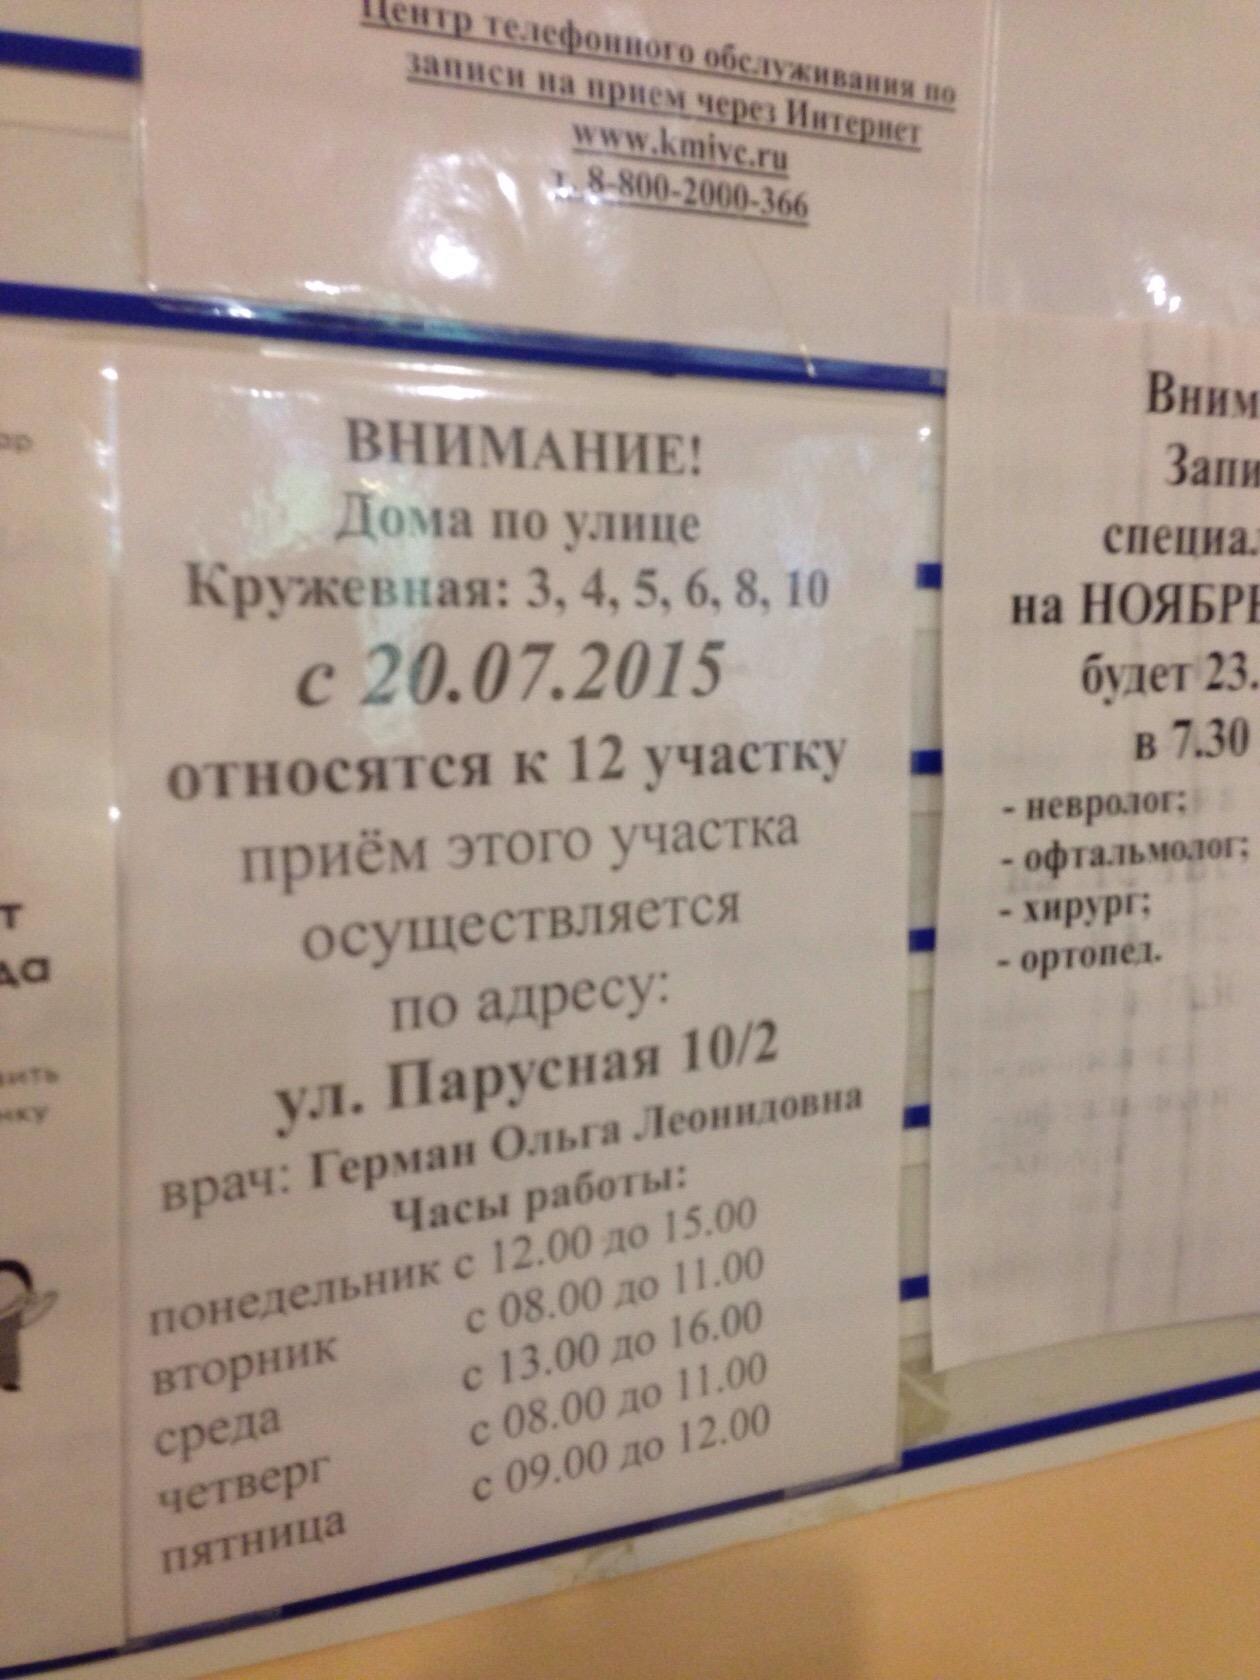 Медицинский центр орел ул московское шоссе 155а